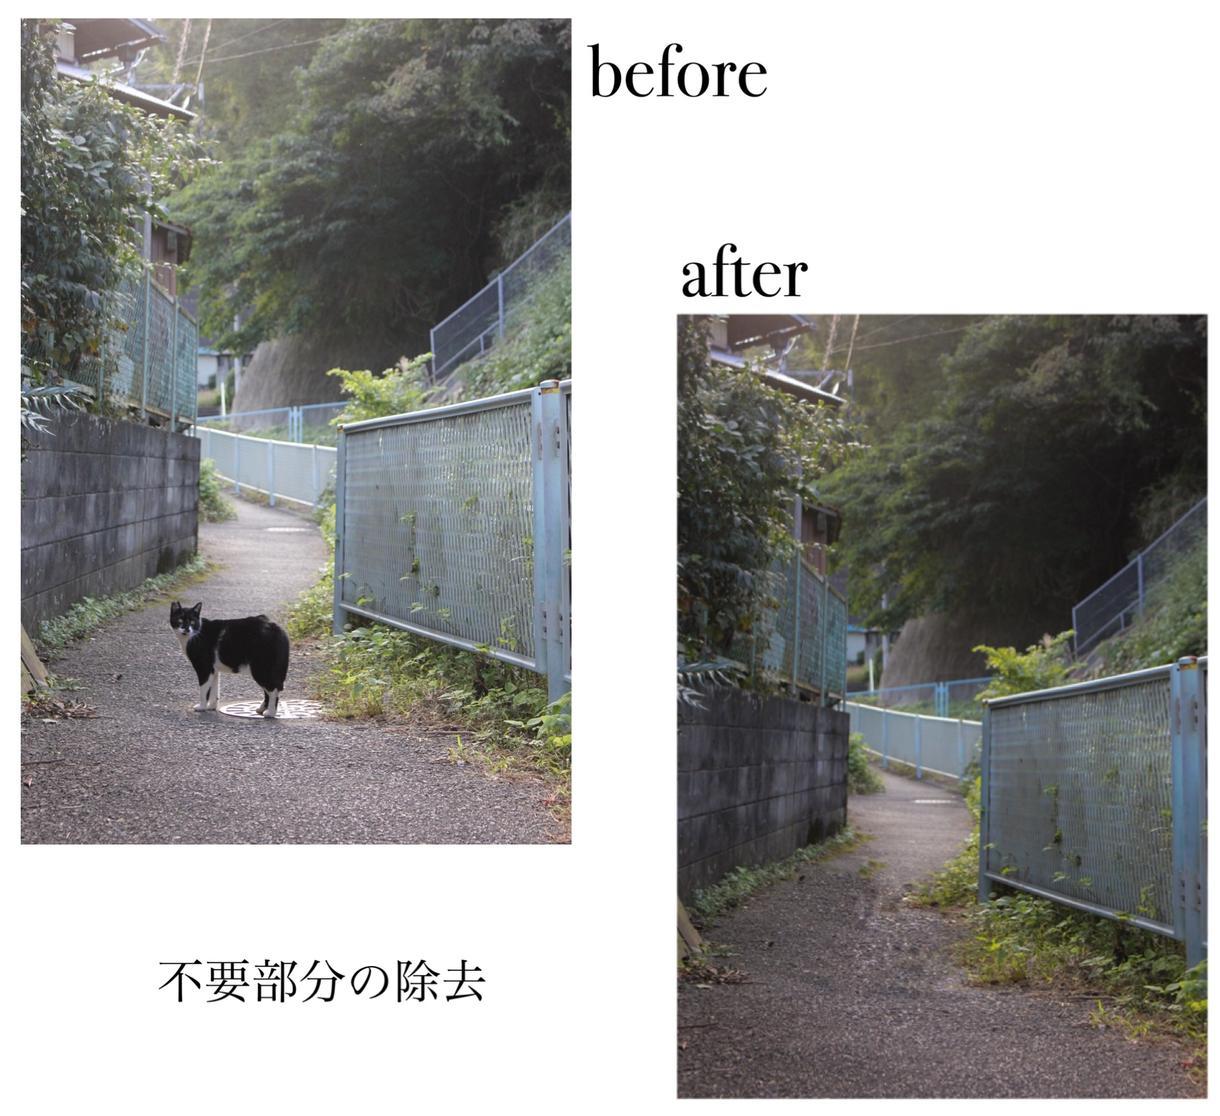 写真のレタッチ(編集)承ります 写真学科生がphotoshopを用いてレタッチいたします!